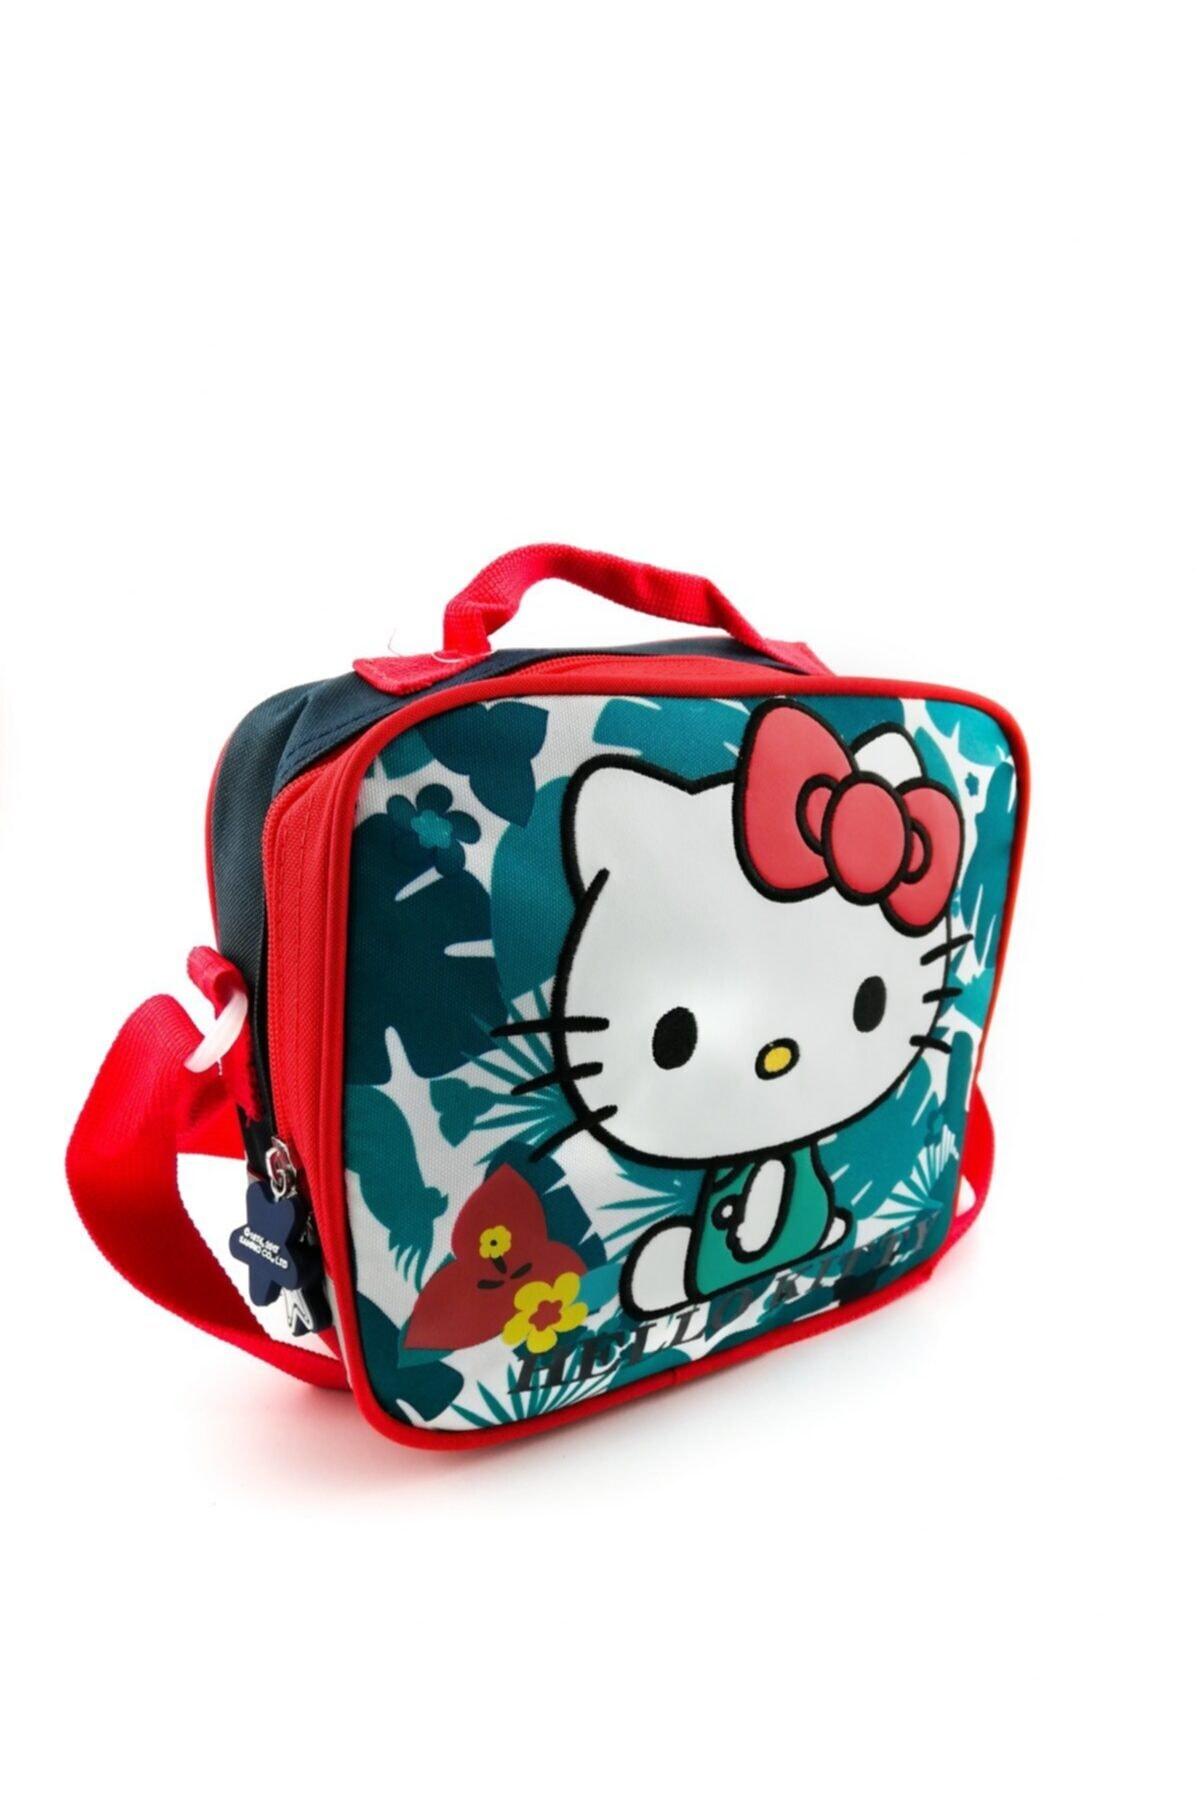 Hakan Çanta Hello Kitty Karakterli Beslenme Çantası 1